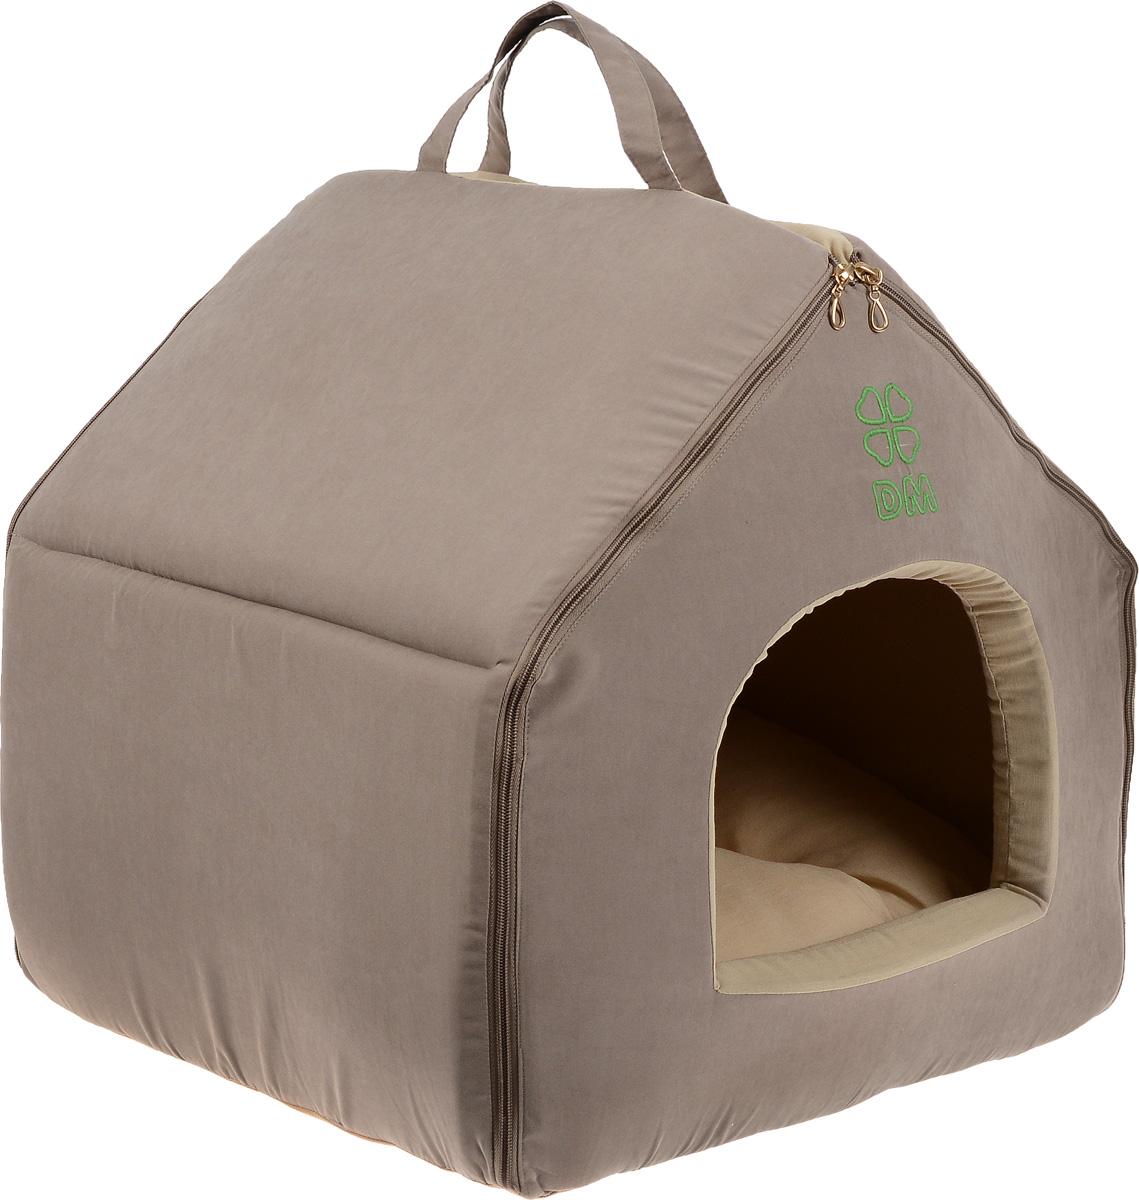 Домик-будка для животных Dogmoda Лофт, цвет: темно-бежевый, бежевый, 46 х 35 х 45 смDM-150356Домик-будка Dogmoda Лофт непременно станет любимым местом отдыха вашего домашнего животного. Изделие выполнено из высококачественного полиэстера, хлопка и холлофайбера. Наполнитель - поролон. В таком домике вашему любимцу будет мягко и тепло. Он даст вашему питомцу ощущение уюта и уединенности, а также возможность спрятаться. Изделие оснащено съемной мягкой подстилкой. Домик легко разбирается и собирается при помощи застежек-молний. Размер домика: 46 х 35 х 45 см. Размер подстилки: 48 х 36 х 8 см.